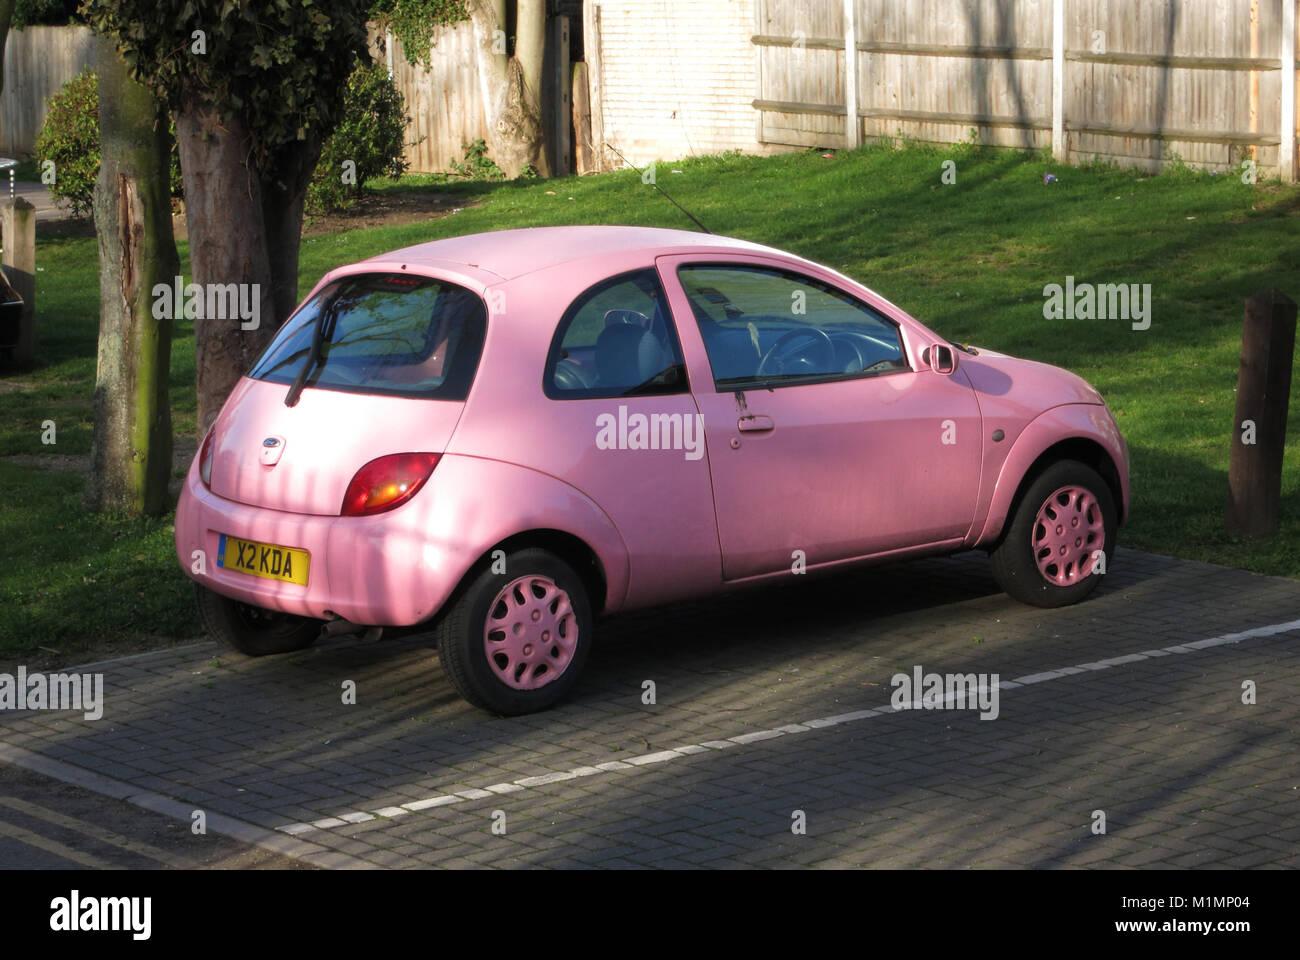 Pink car Stock Photo